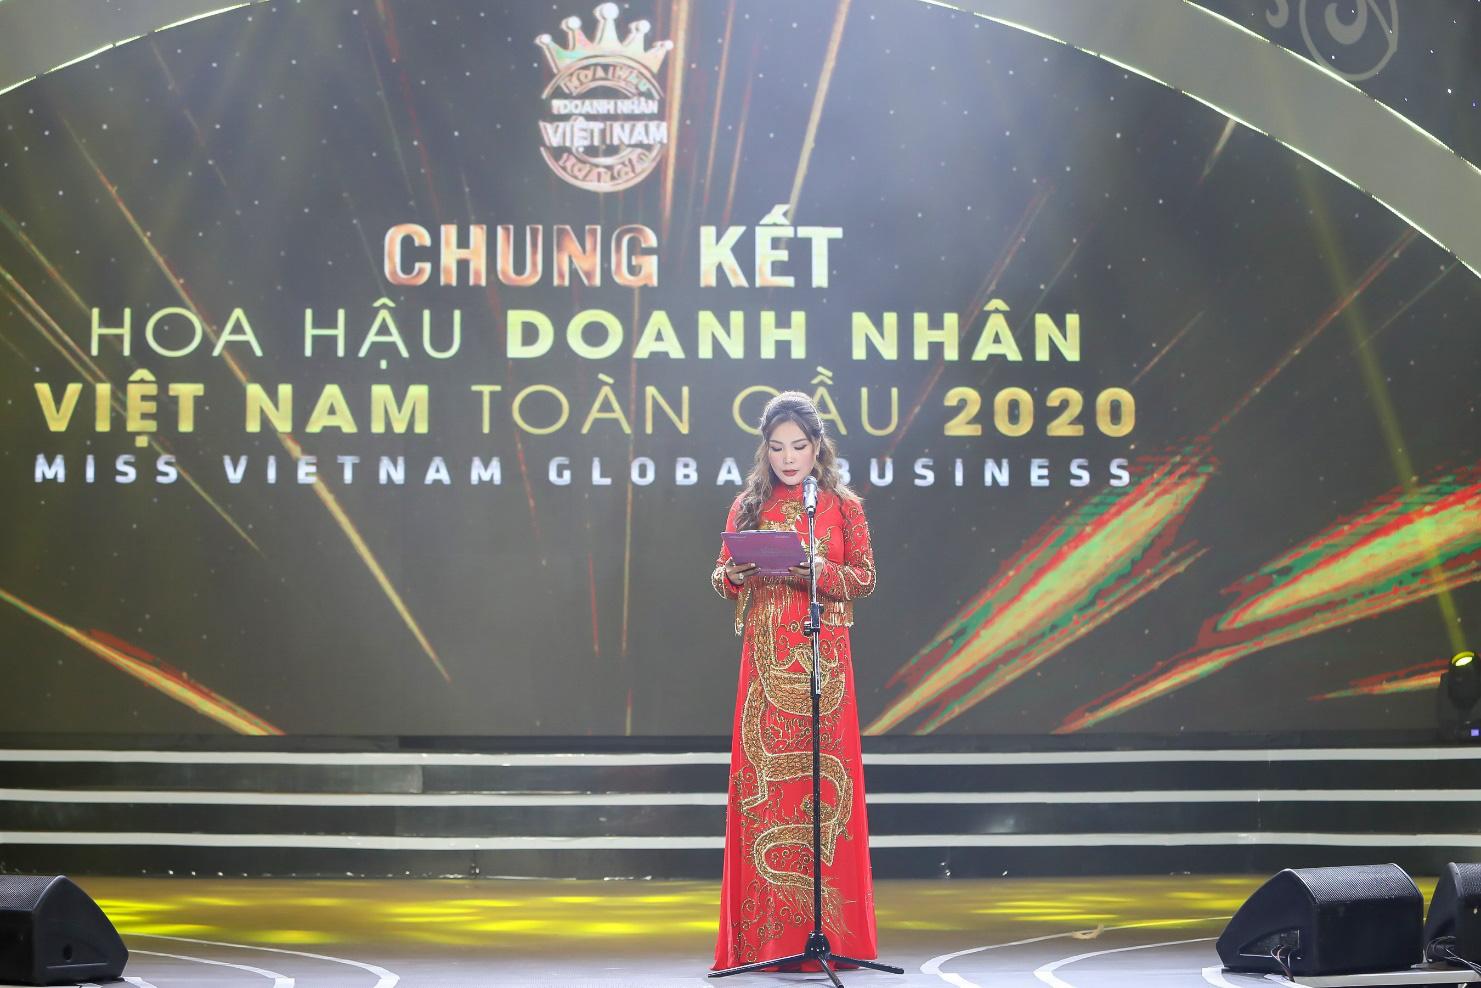 Doanh nhân Vũ Thị Ngọc Anh đăng quang Hoa hậu Doanh nhân Việt Nam Toàn cầu 2020 - Ảnh 3.